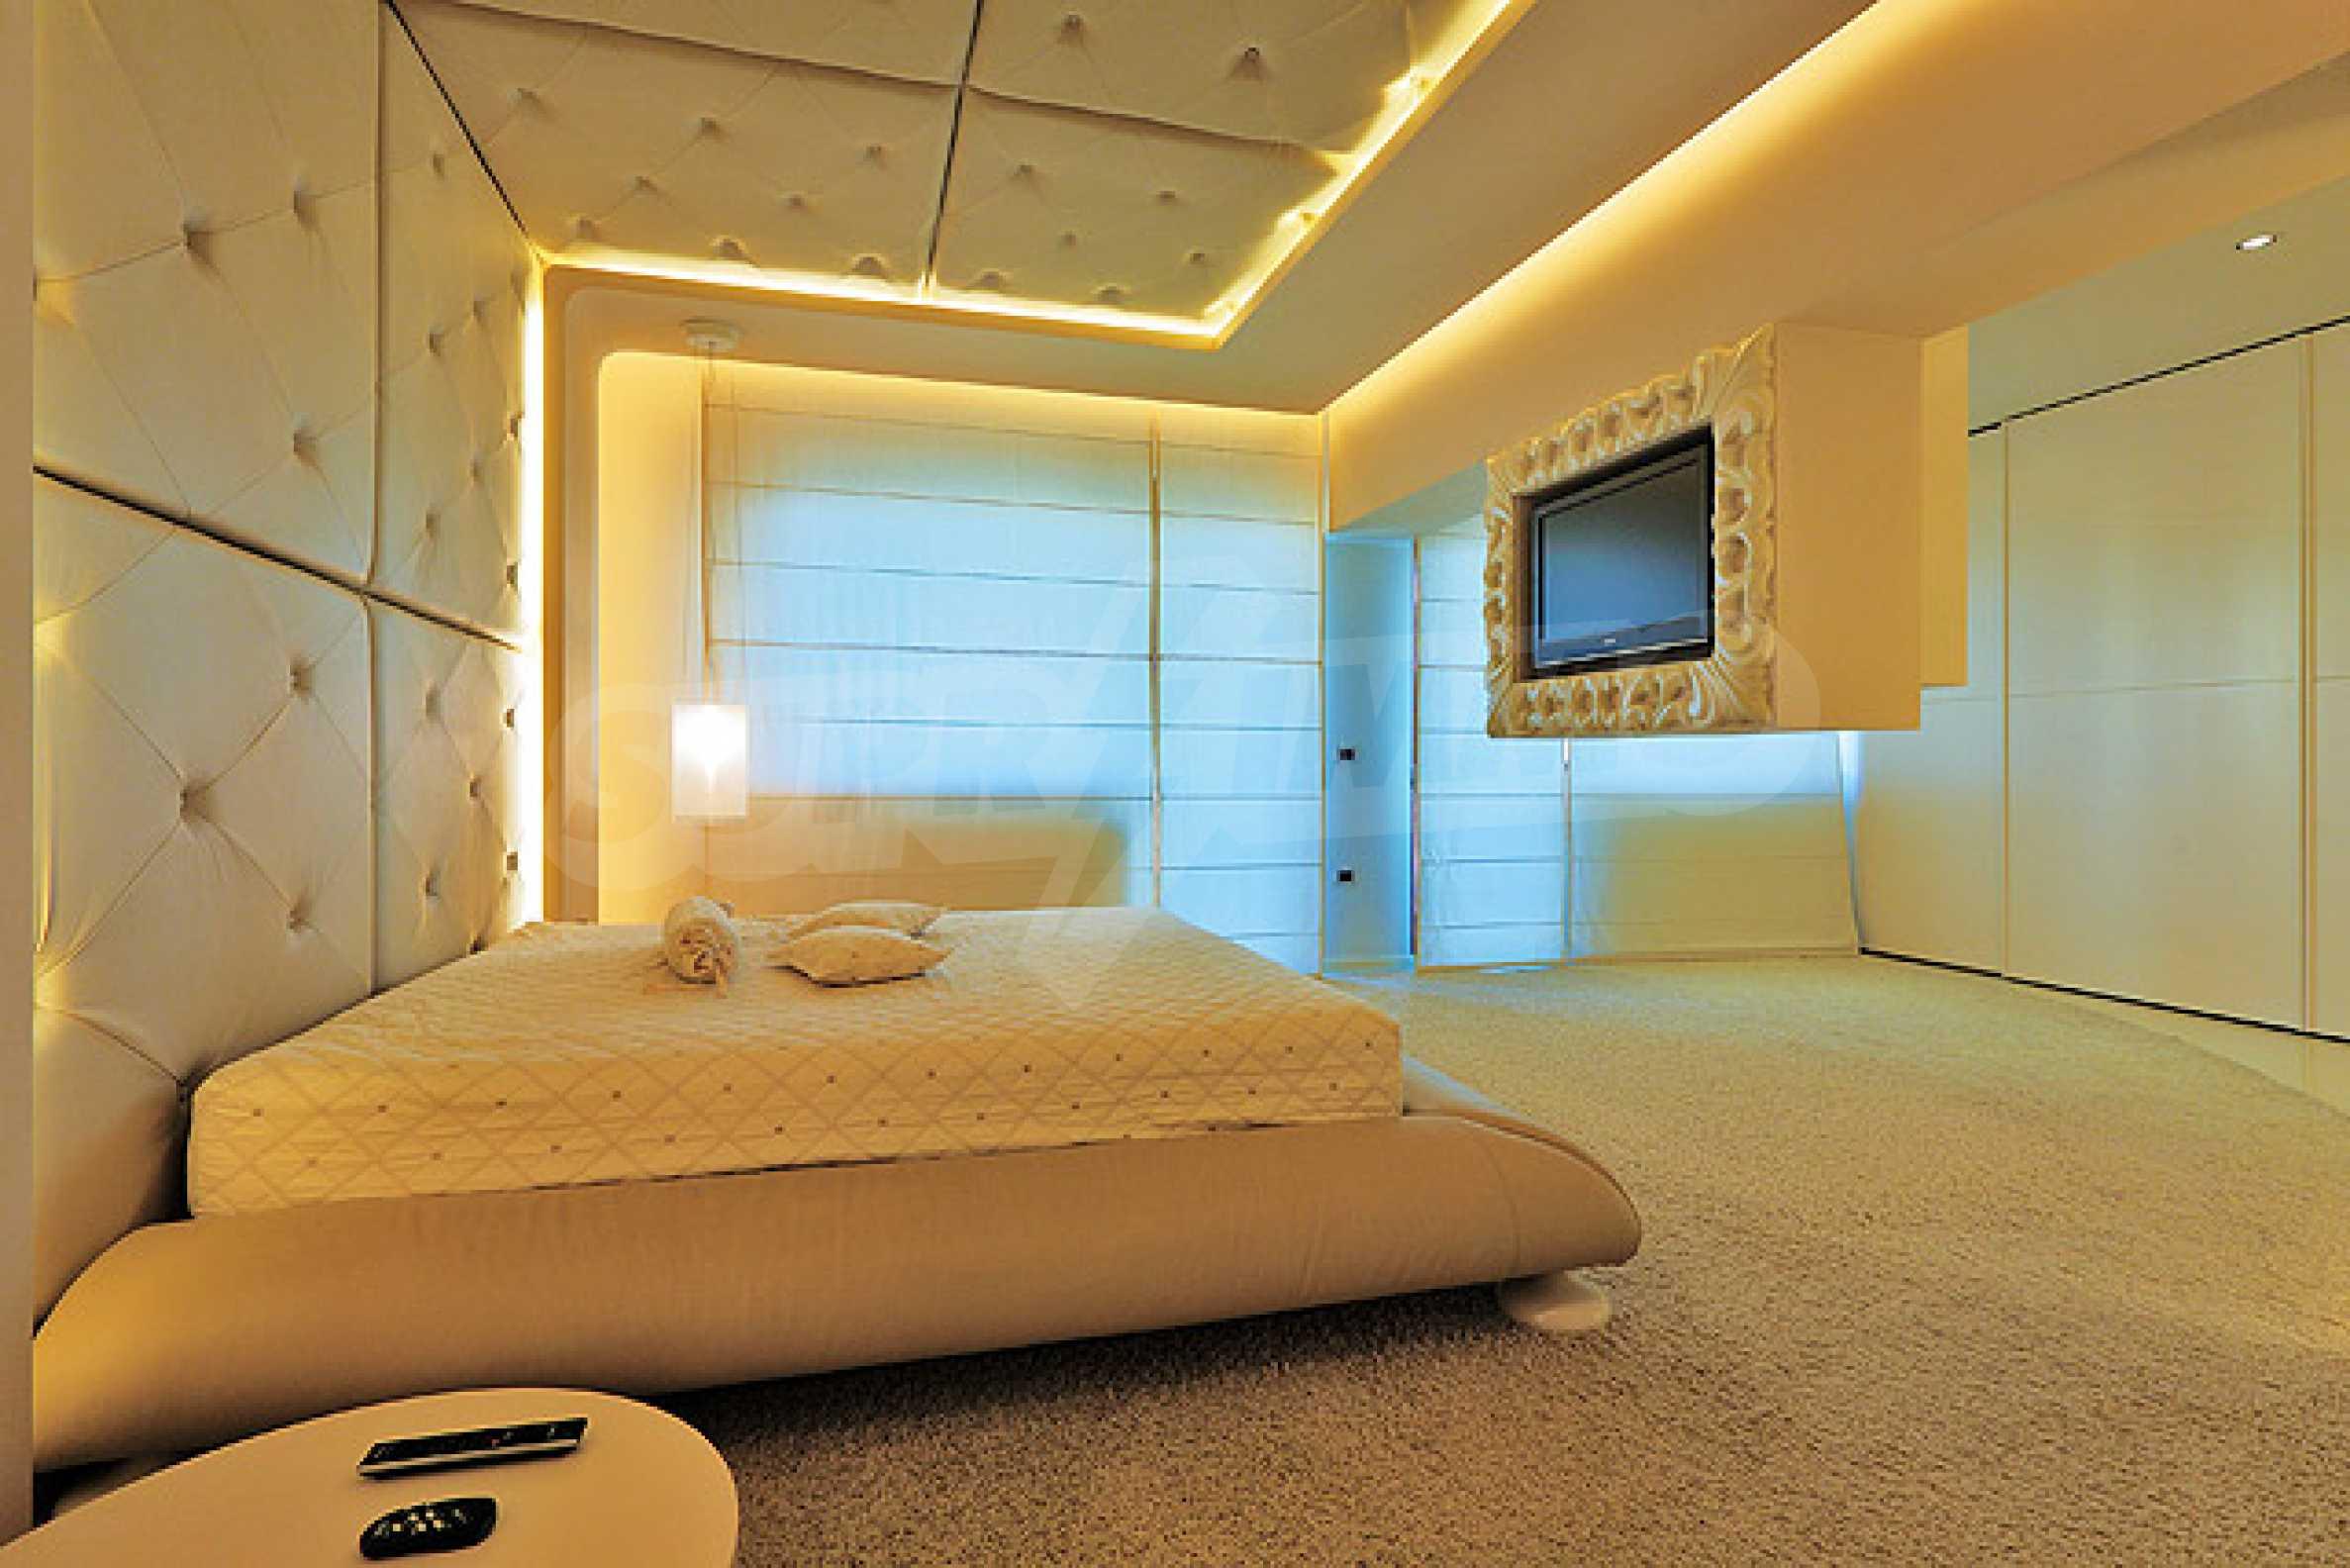 Луксозно обзаведен двустаен апартамент 14